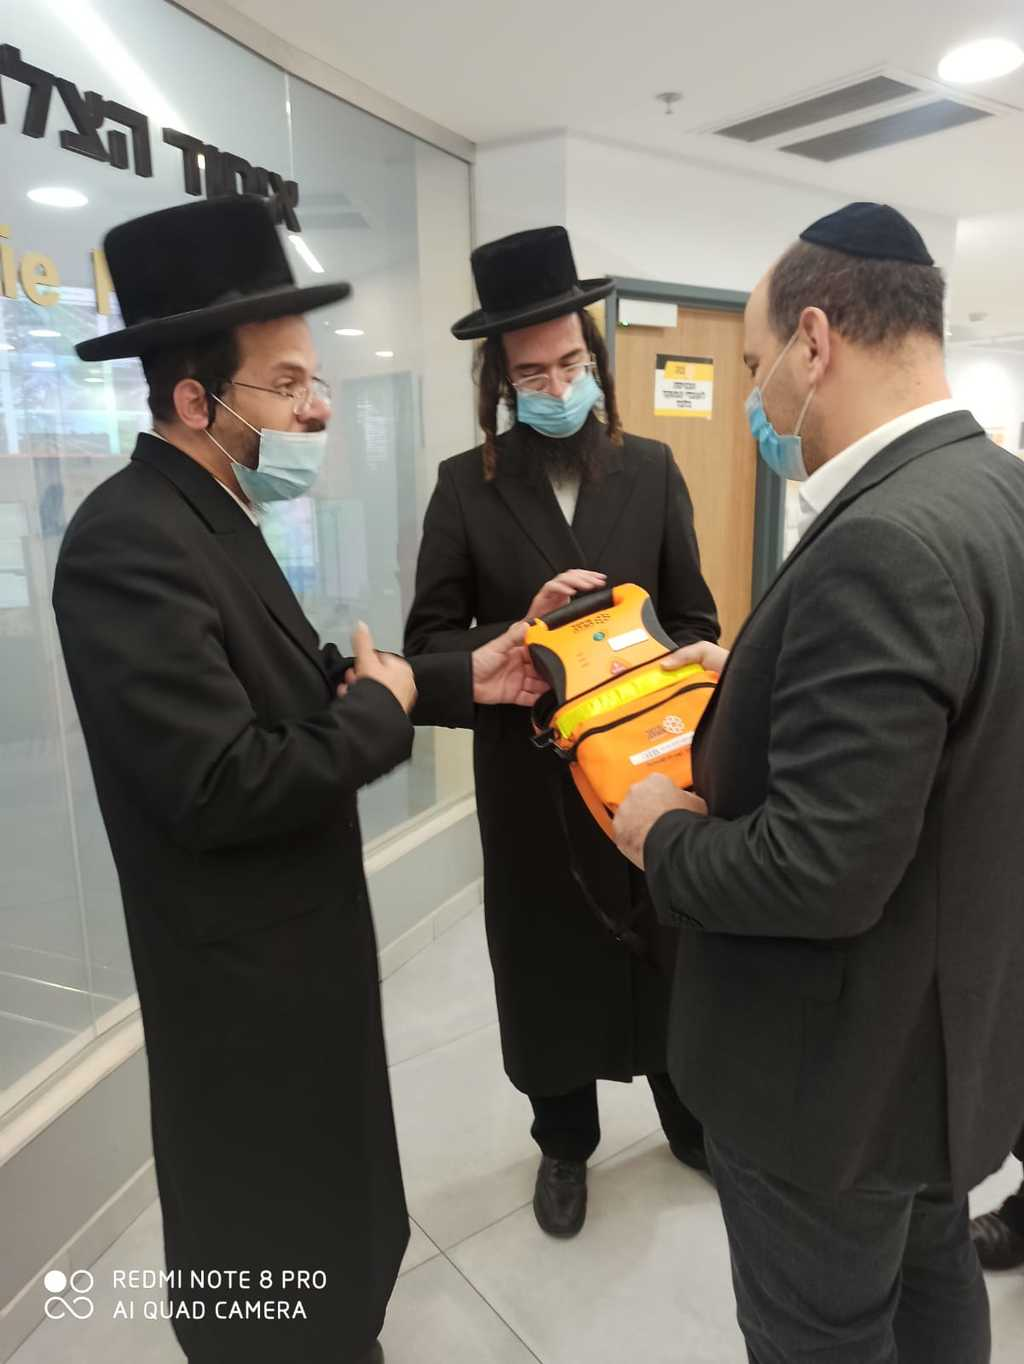 מכשיר דפיברילטור מוענק לנכדו של גרינבוים מתנדב באיחוד הצלה בסניף ציון - ירושלים